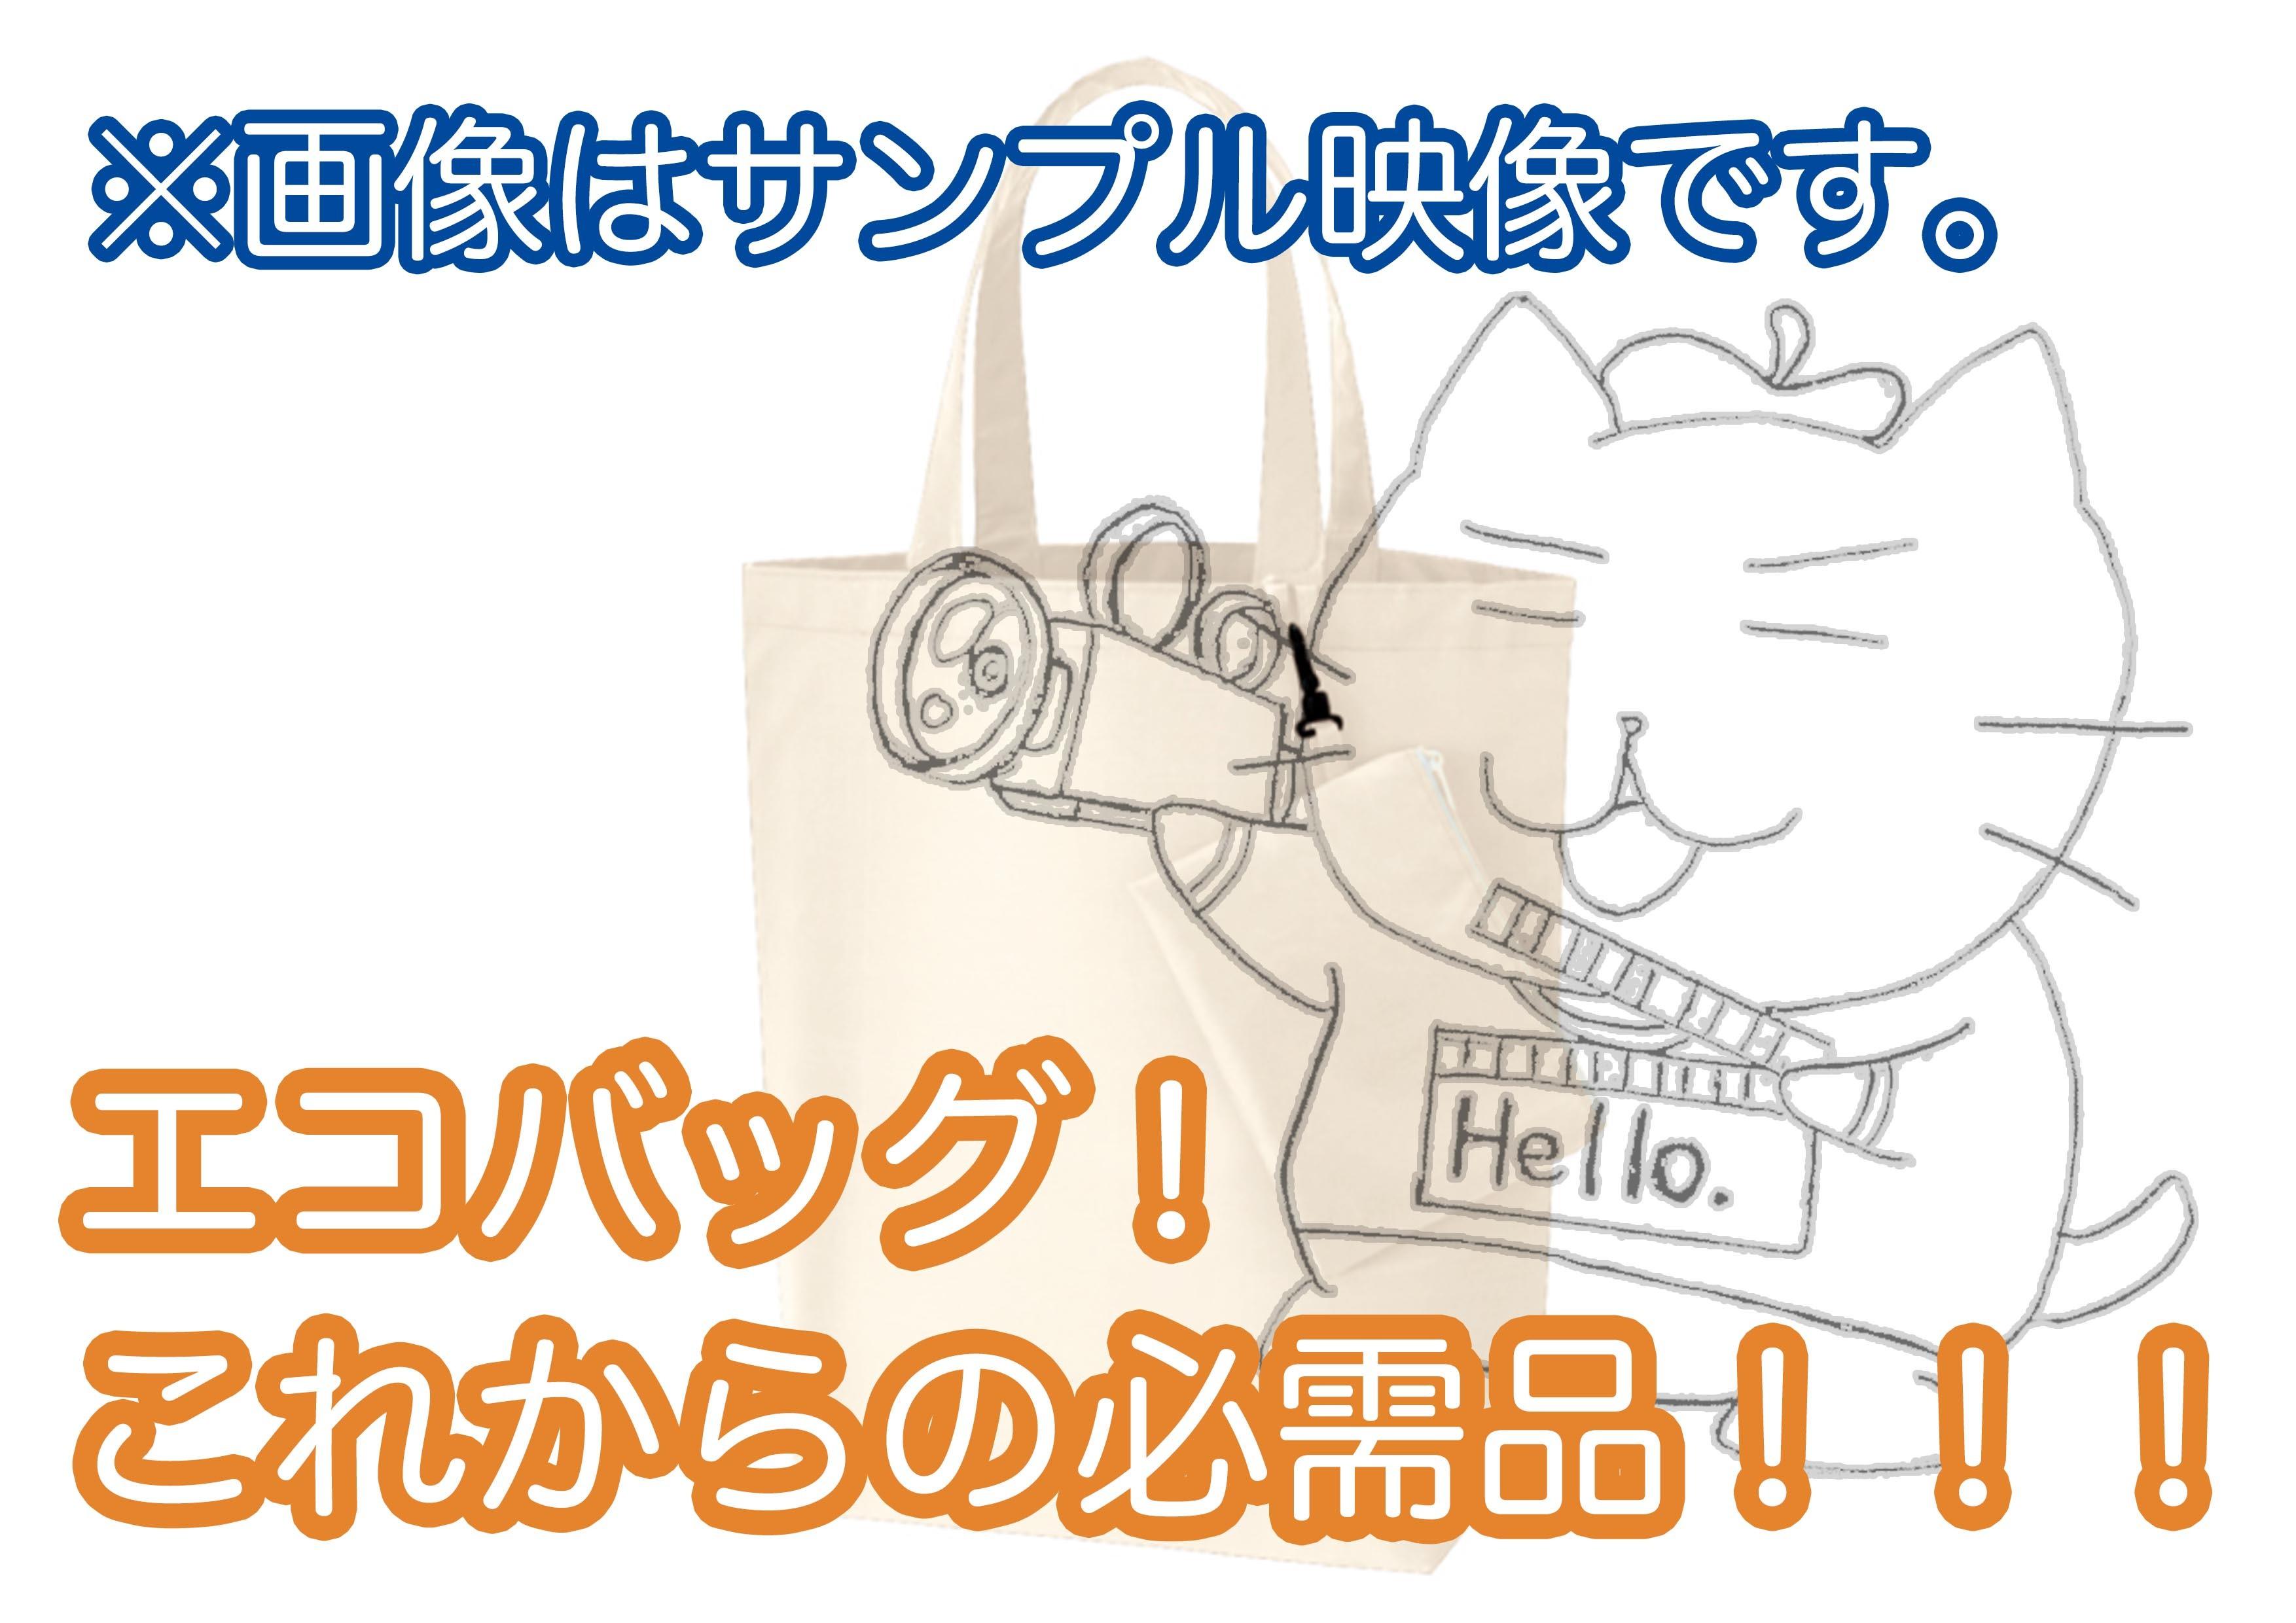 <クラファンあらにゃんトートバッグ!!プラン>